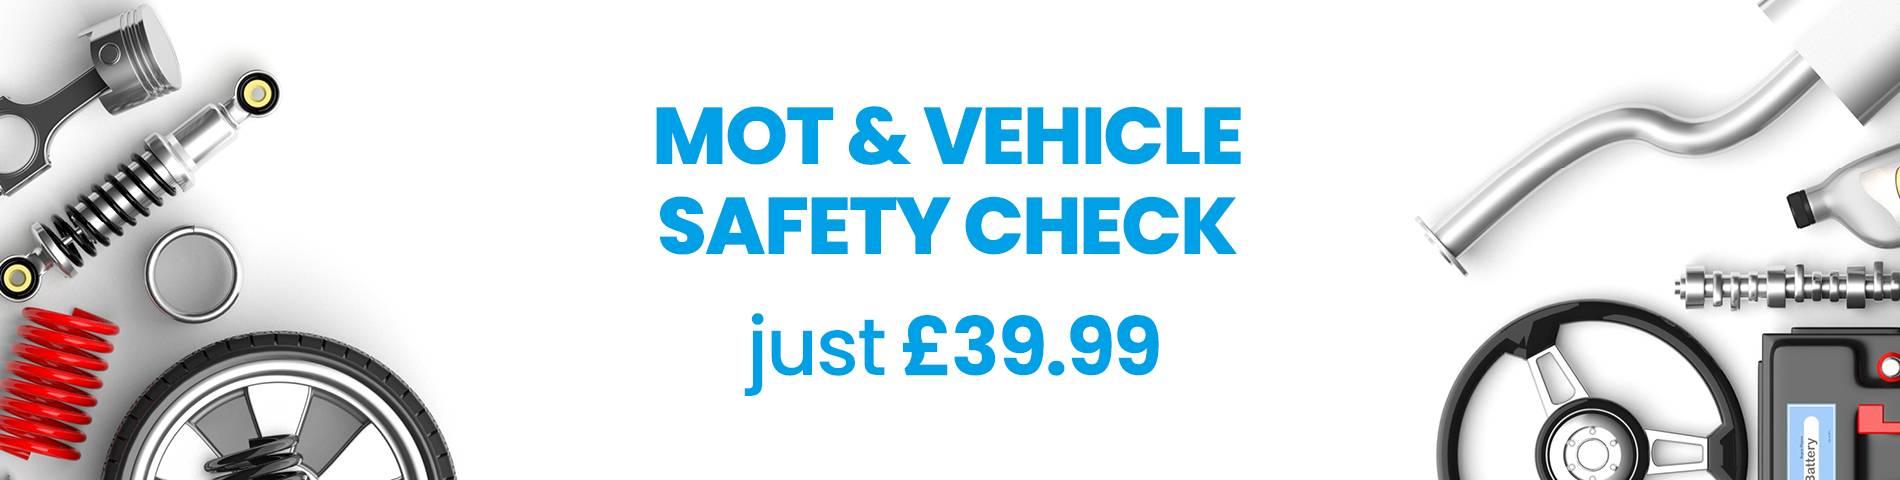 MOT Vehicle Safety Check